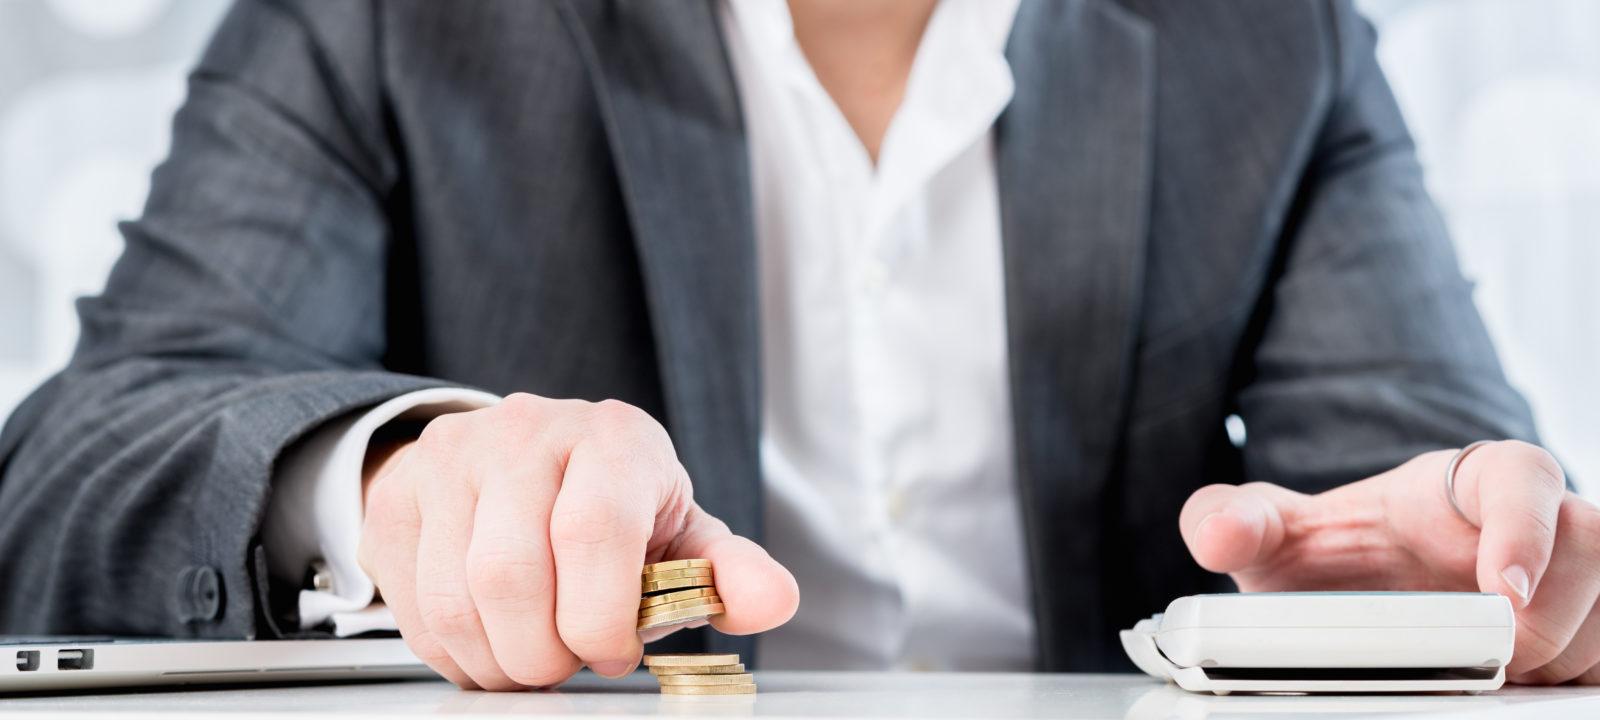 Renflouer les caisses de l'entreprise sans perdre son contrôle